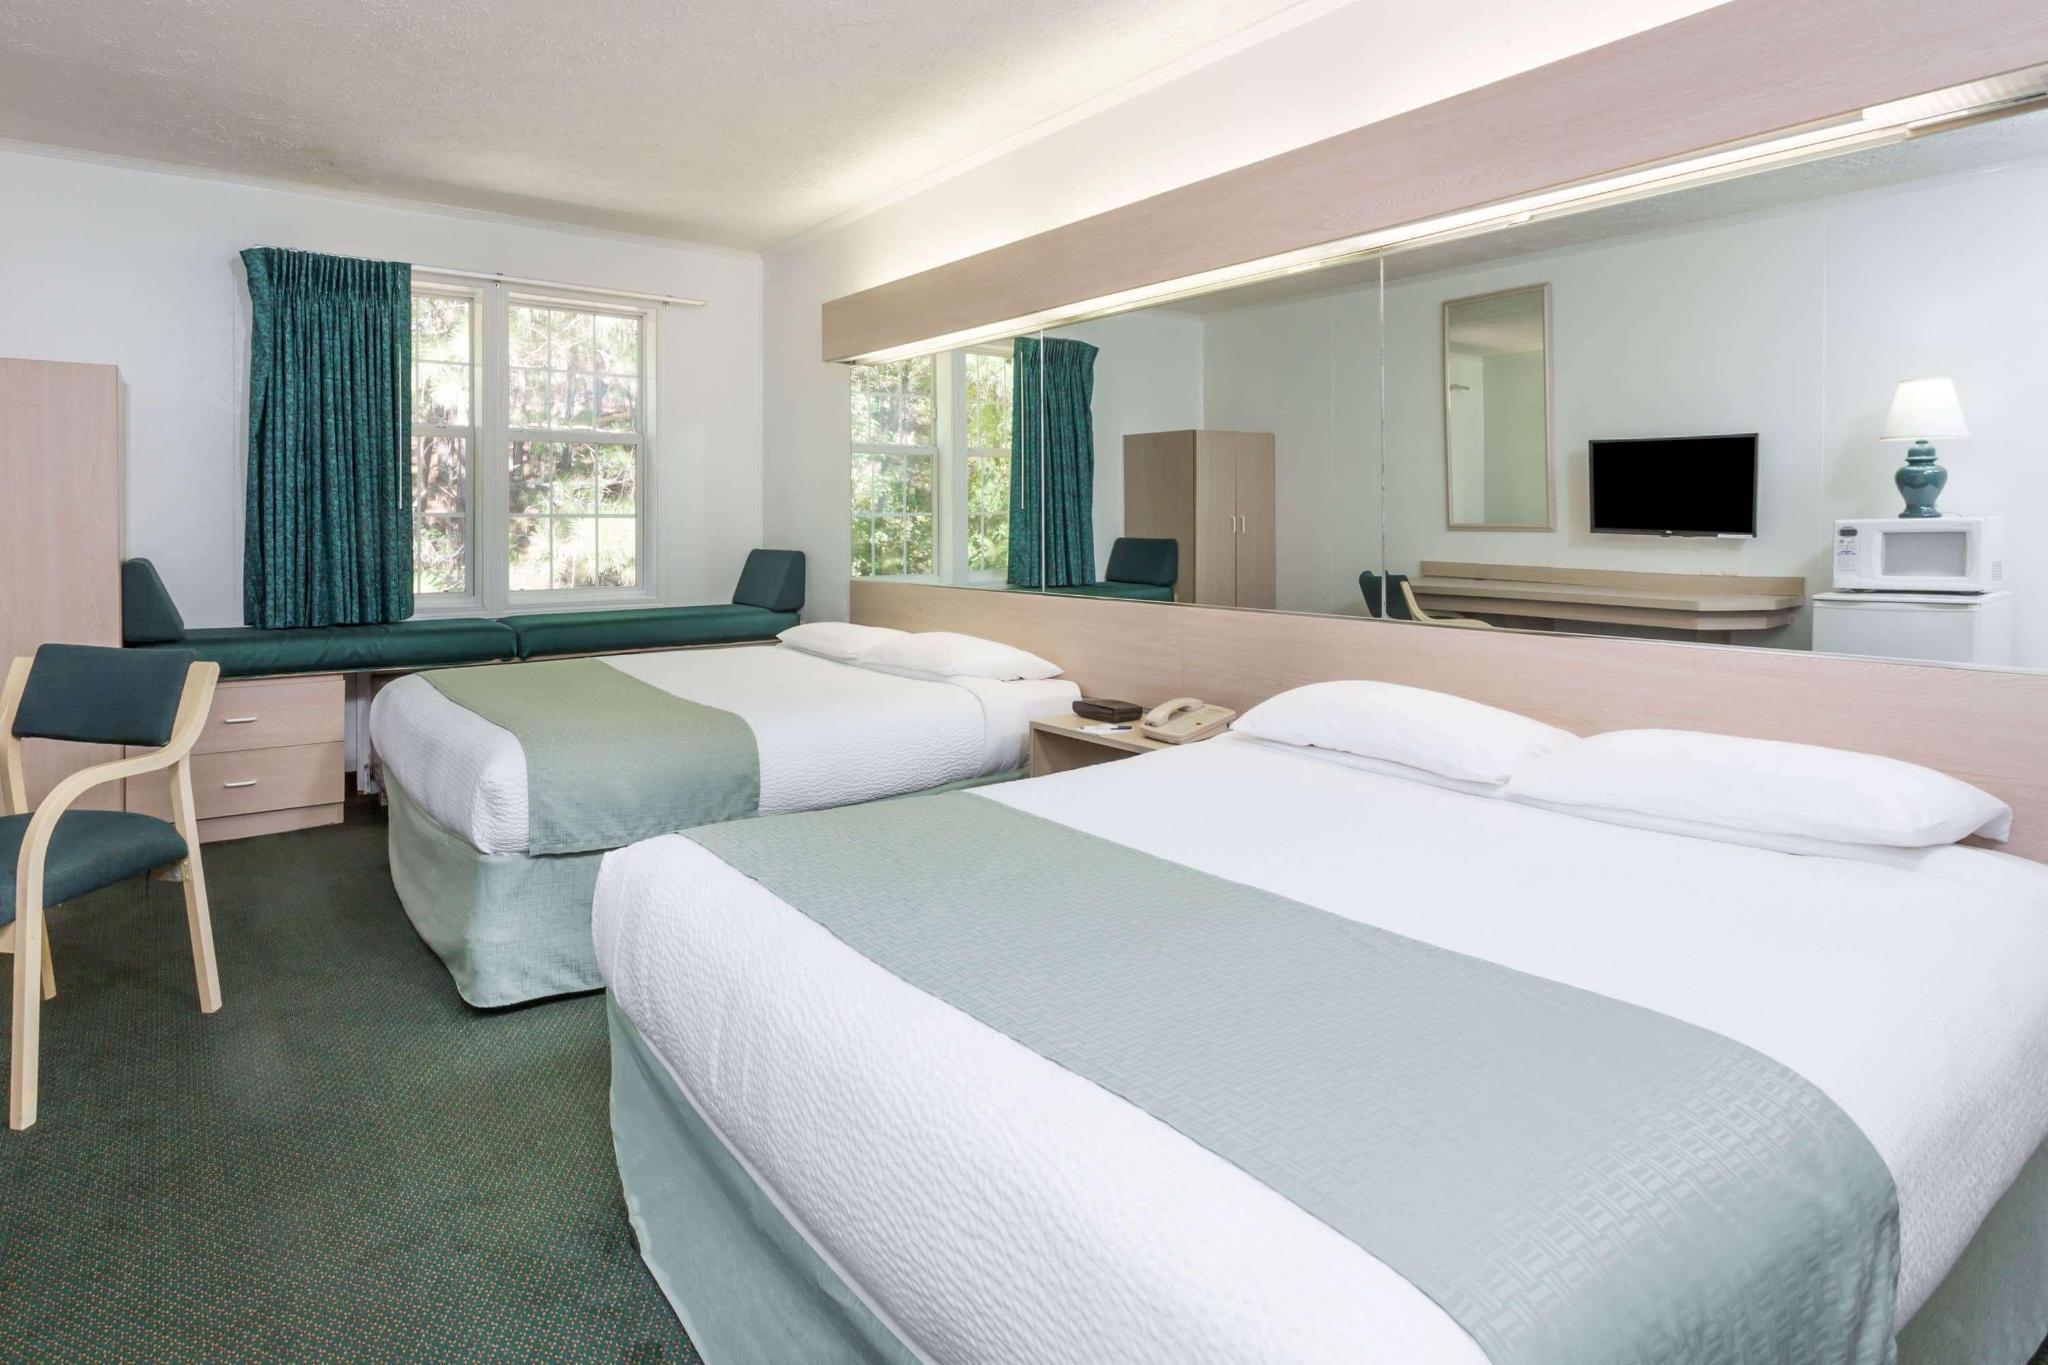 Quadruple two queen beds